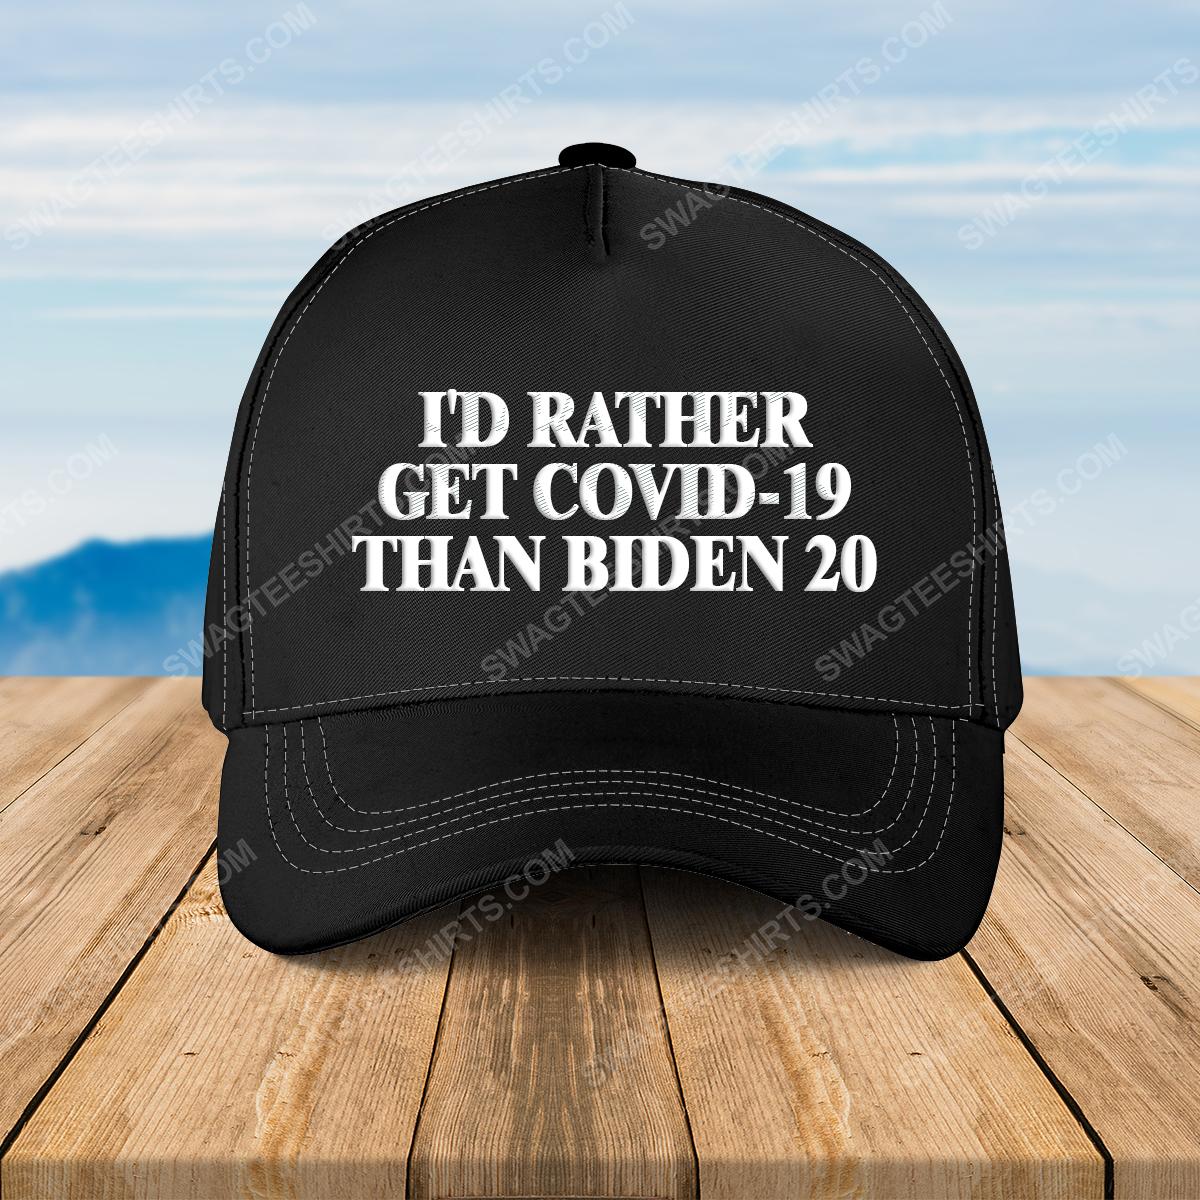 I'd rather get covid-19 than biden 20 full print classic hat 1 - Copy (3)